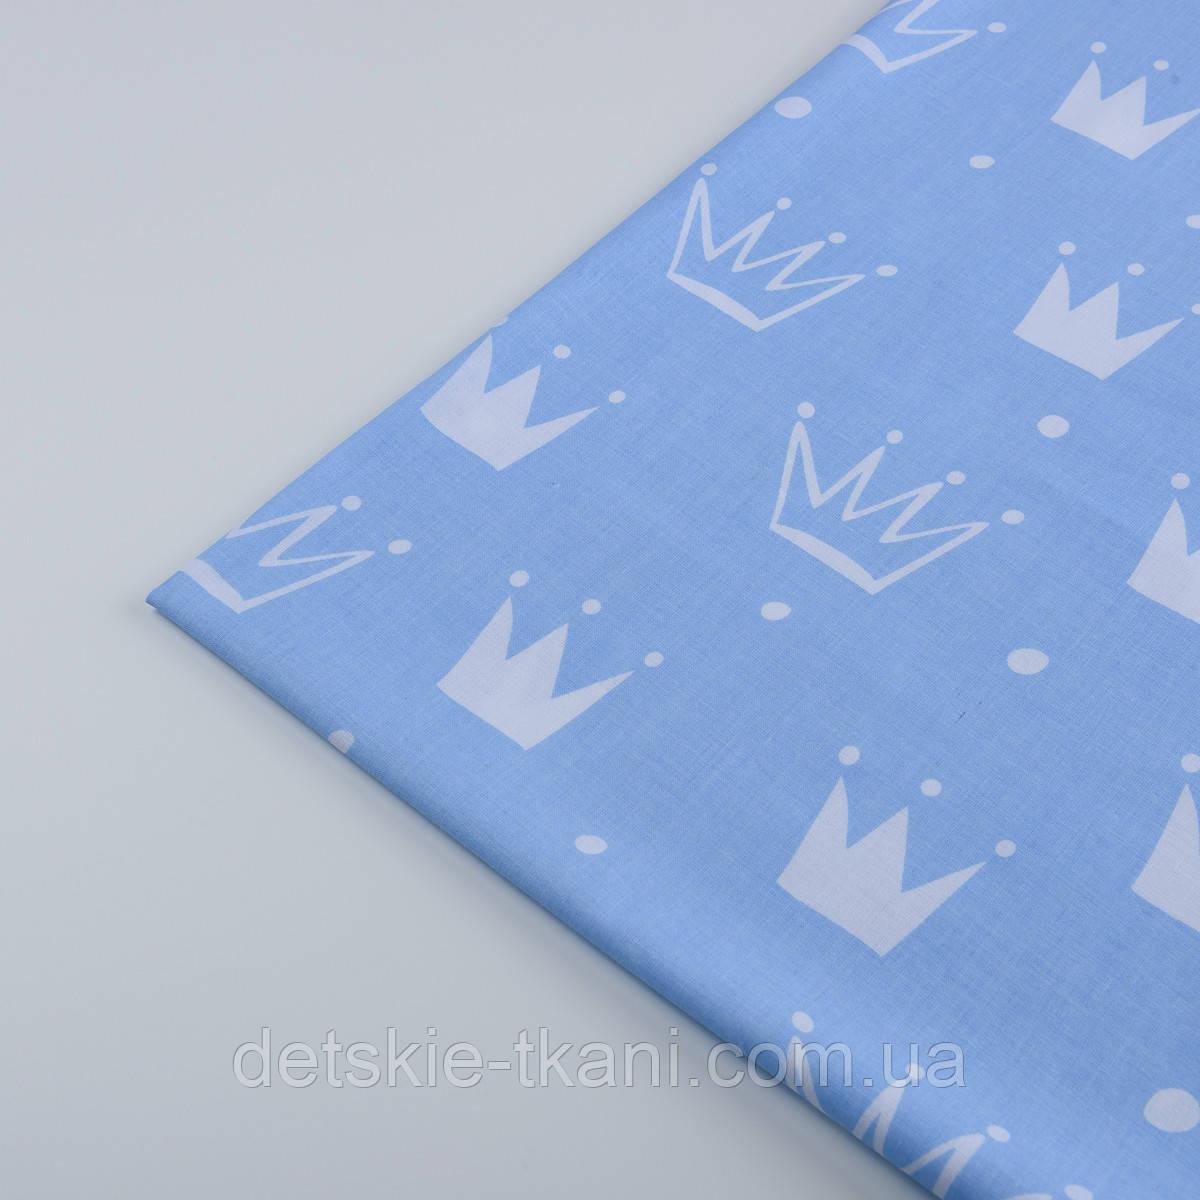 """Клапоть тканини """"Намальовані корони"""" білі на блакитному №1311а, розмір 40*50 см"""